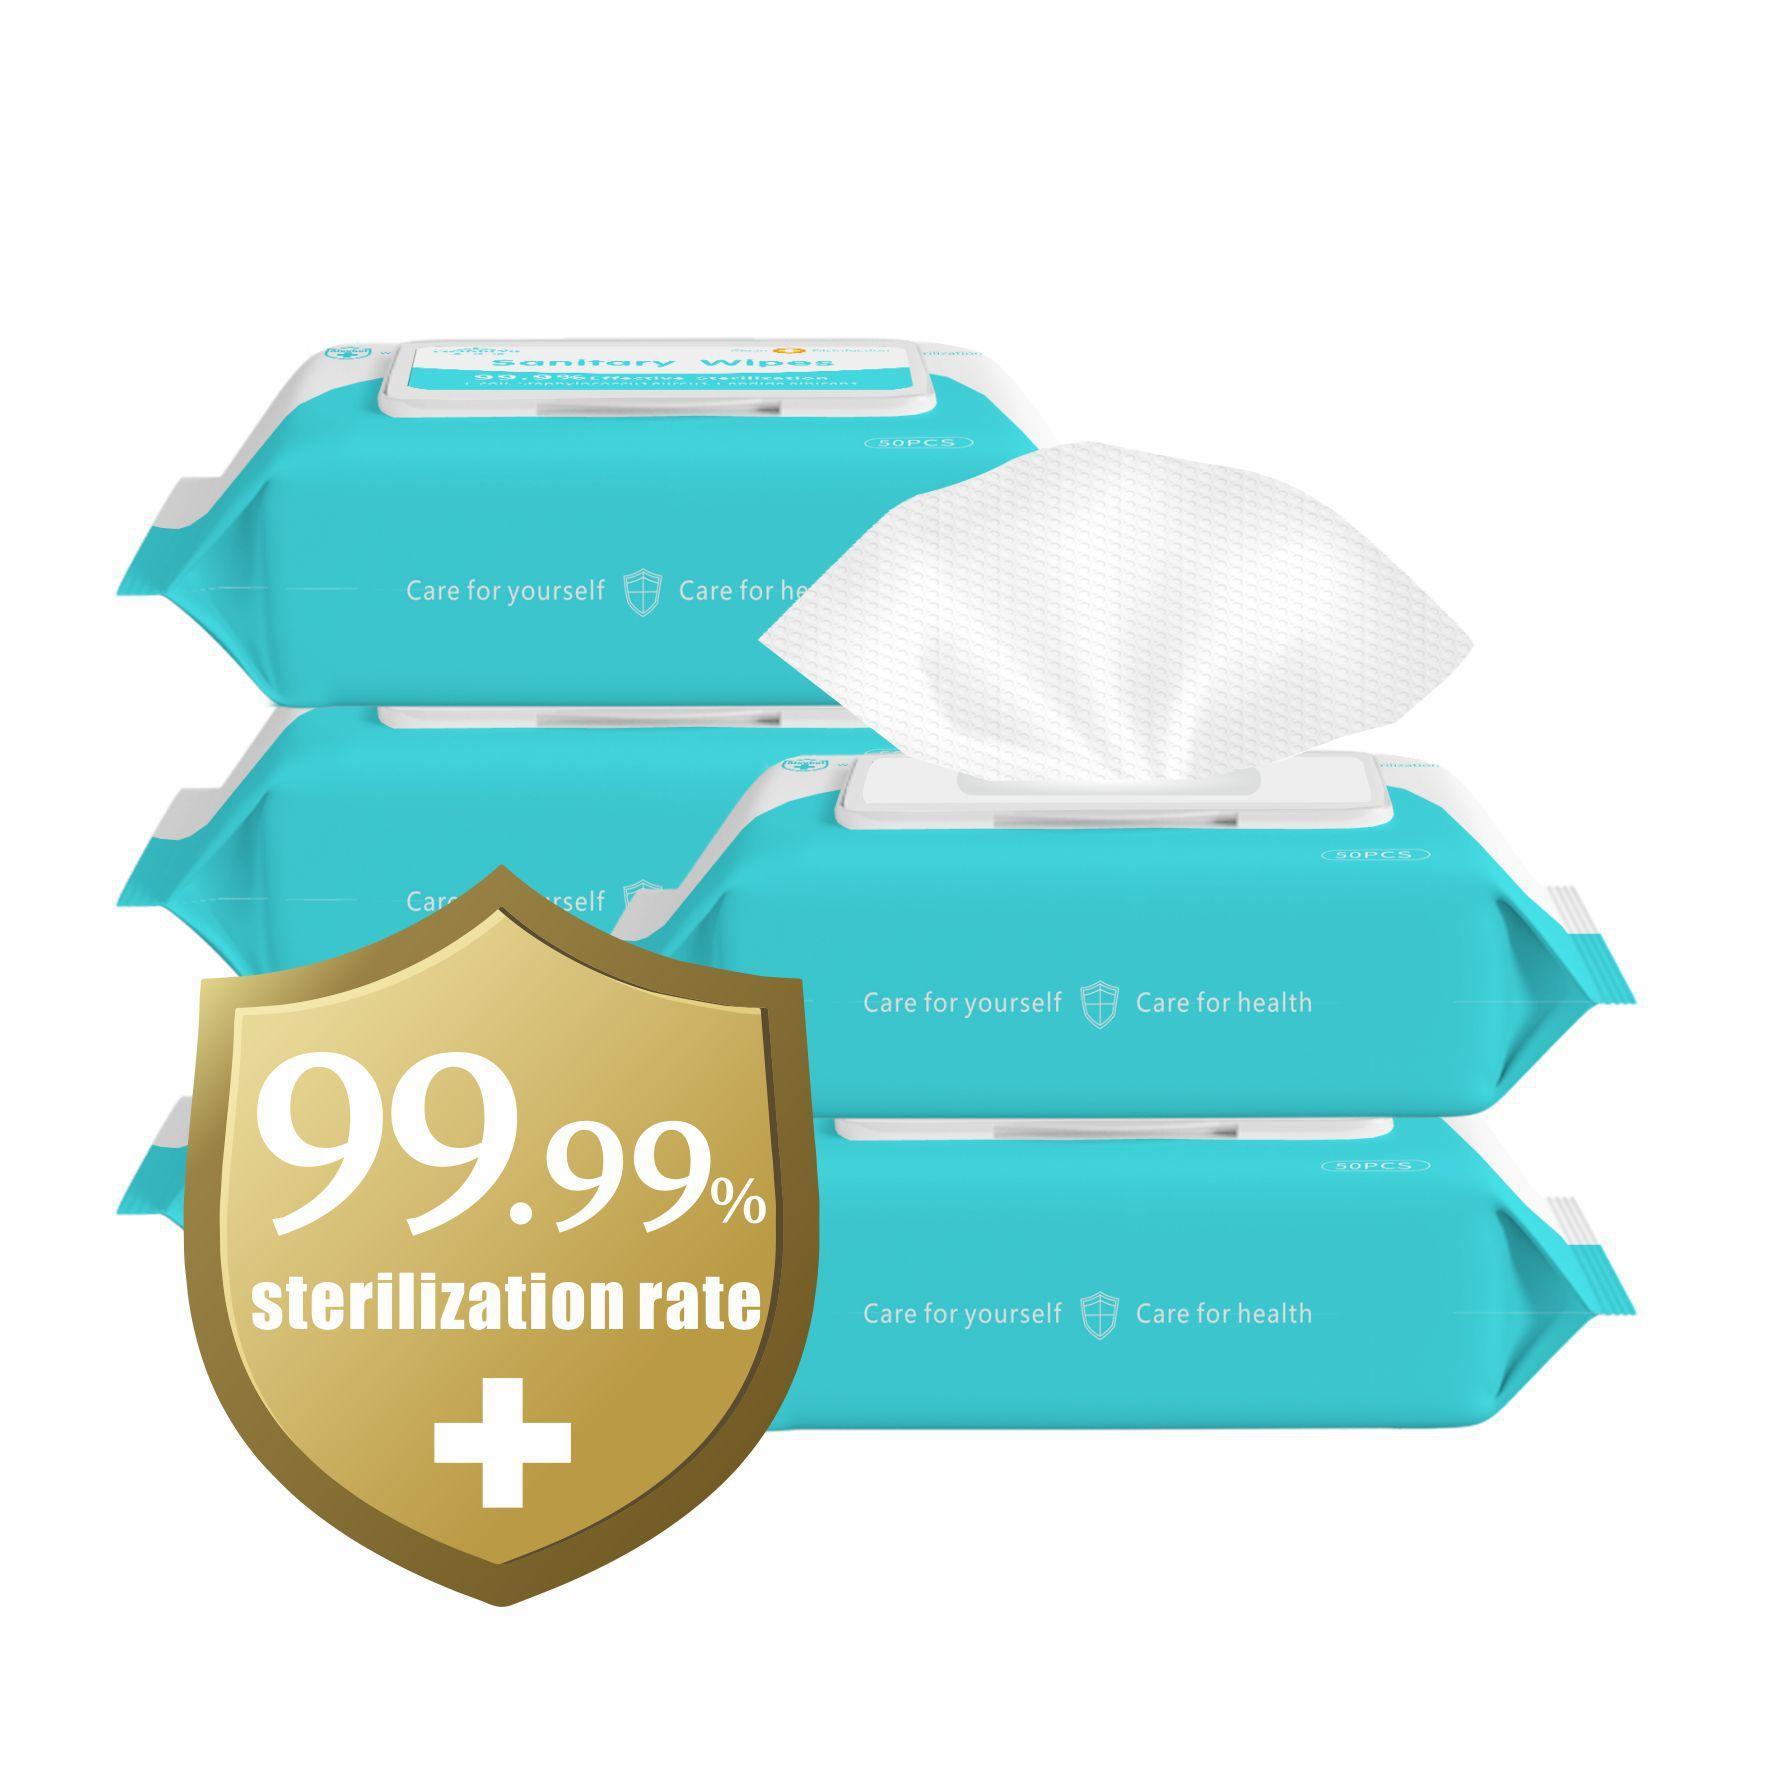 소독 물티슈 75 % 알코올 패드 청소 50PCS / PACK FS9516에 대한 이동 전화 안경 매니큐어 알콜 닦음에 대한